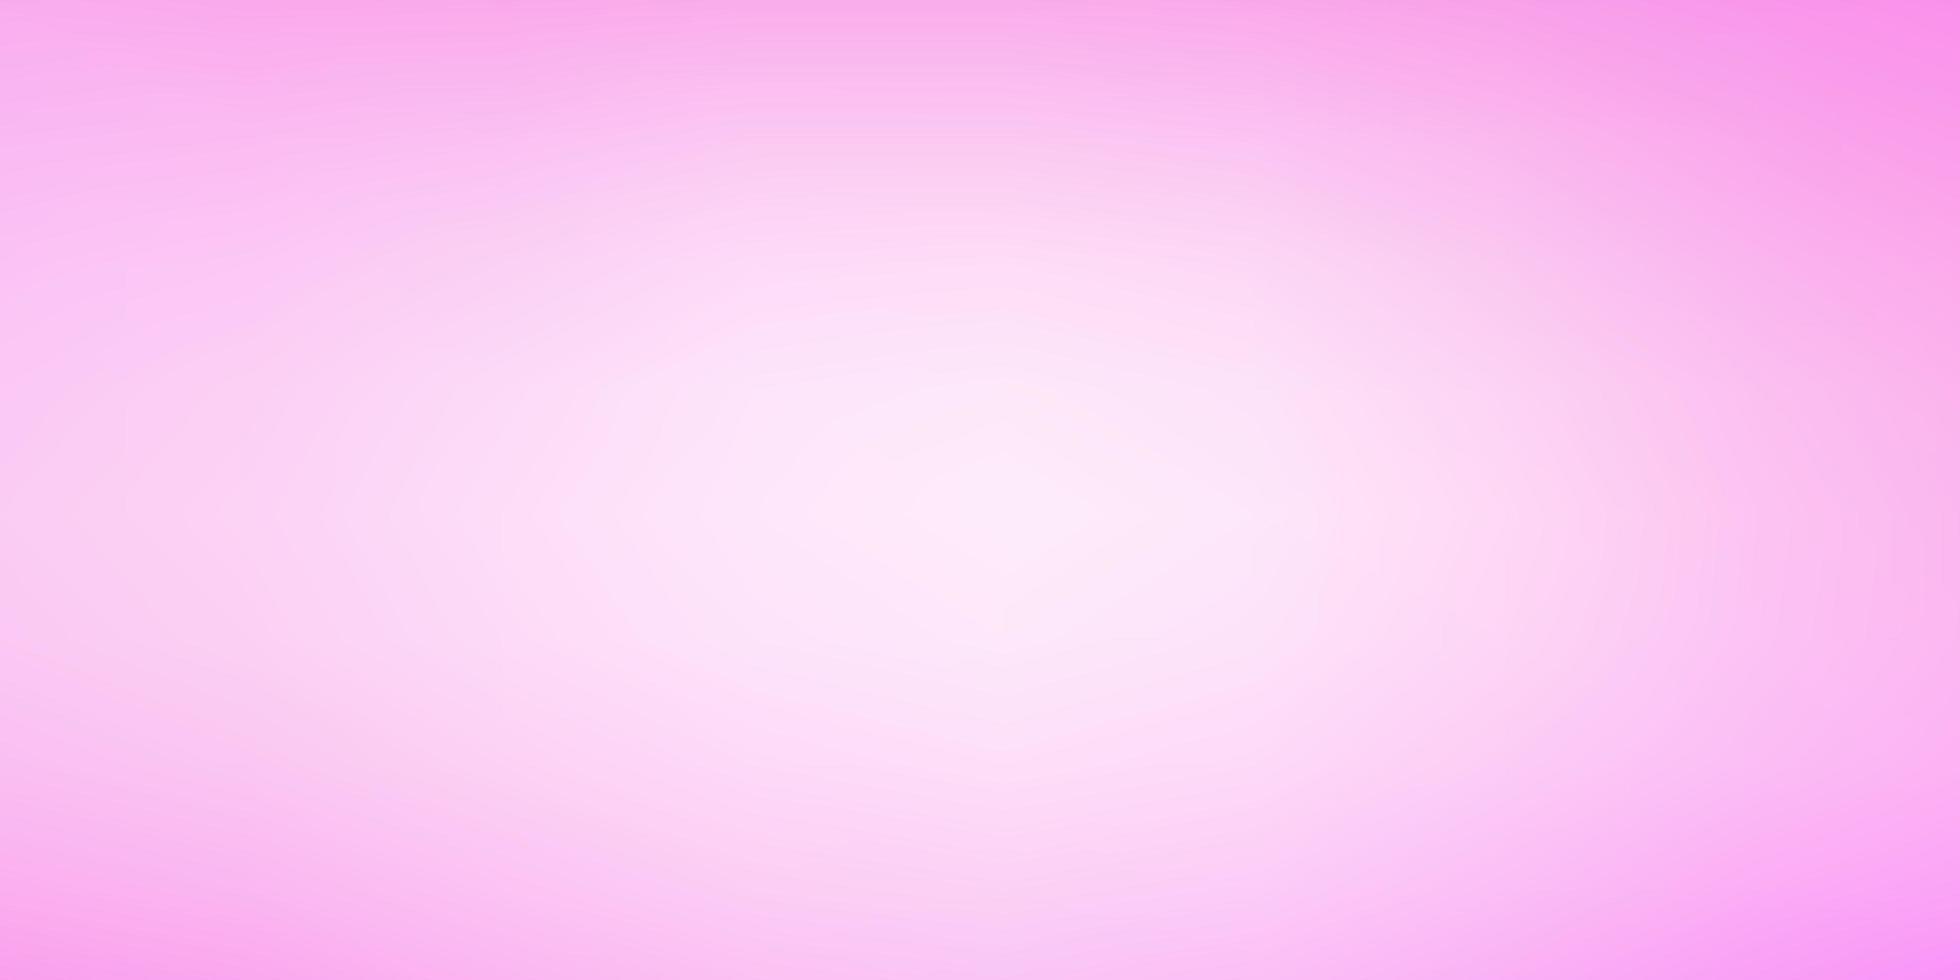 modelo brilhante abstrato rosa claro. vetor